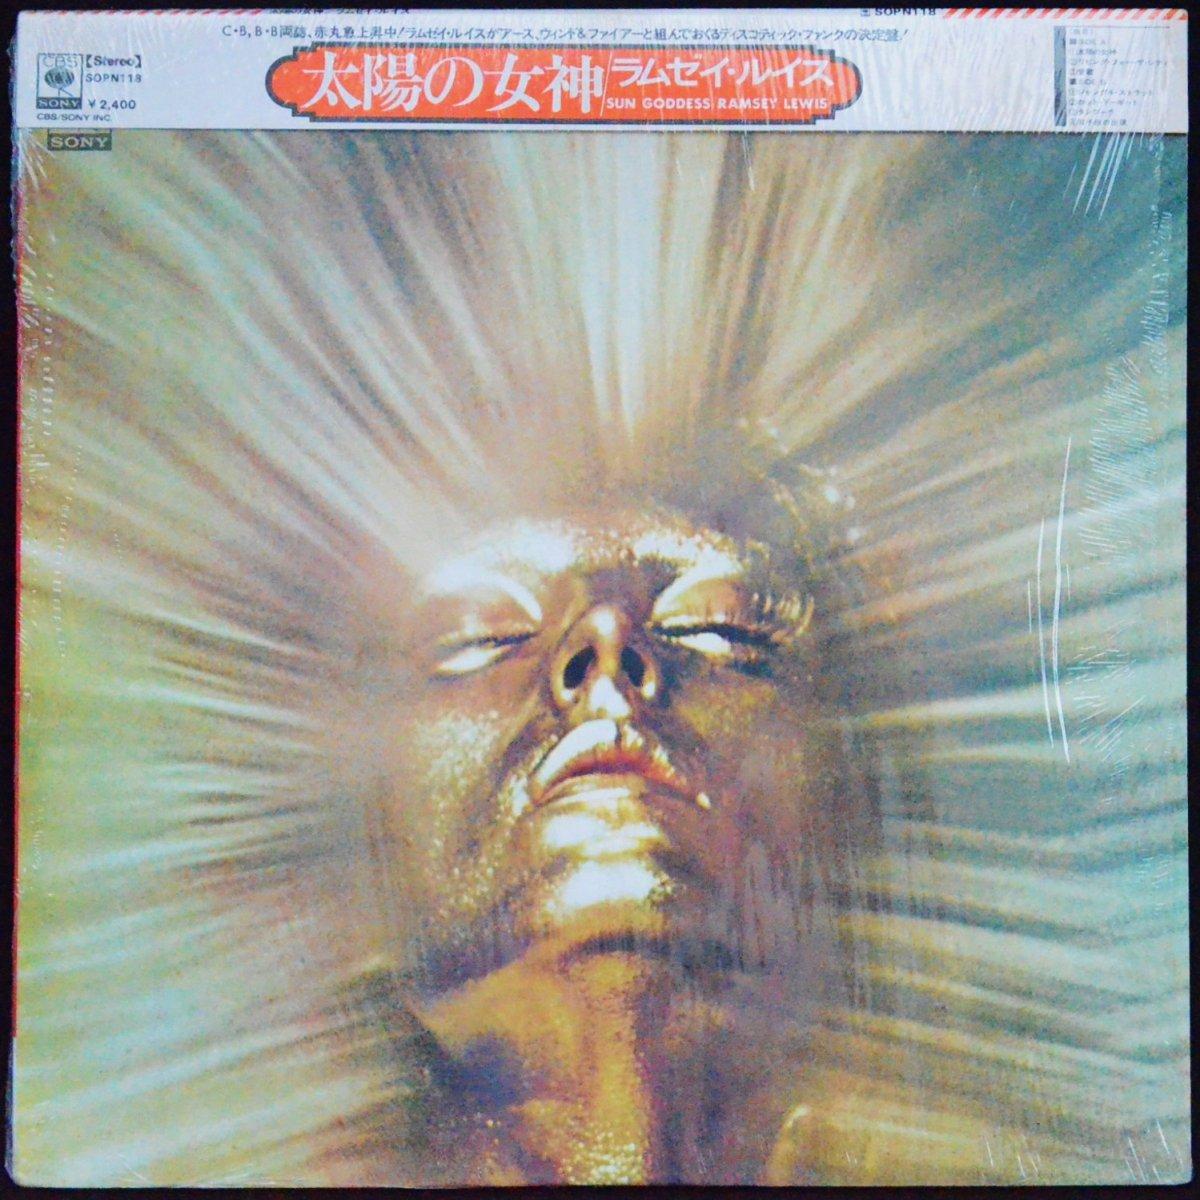 ラムゼイ・ルイス RAMSEY LEWIS / 太陽の女神 SUN GODDESS (LP)